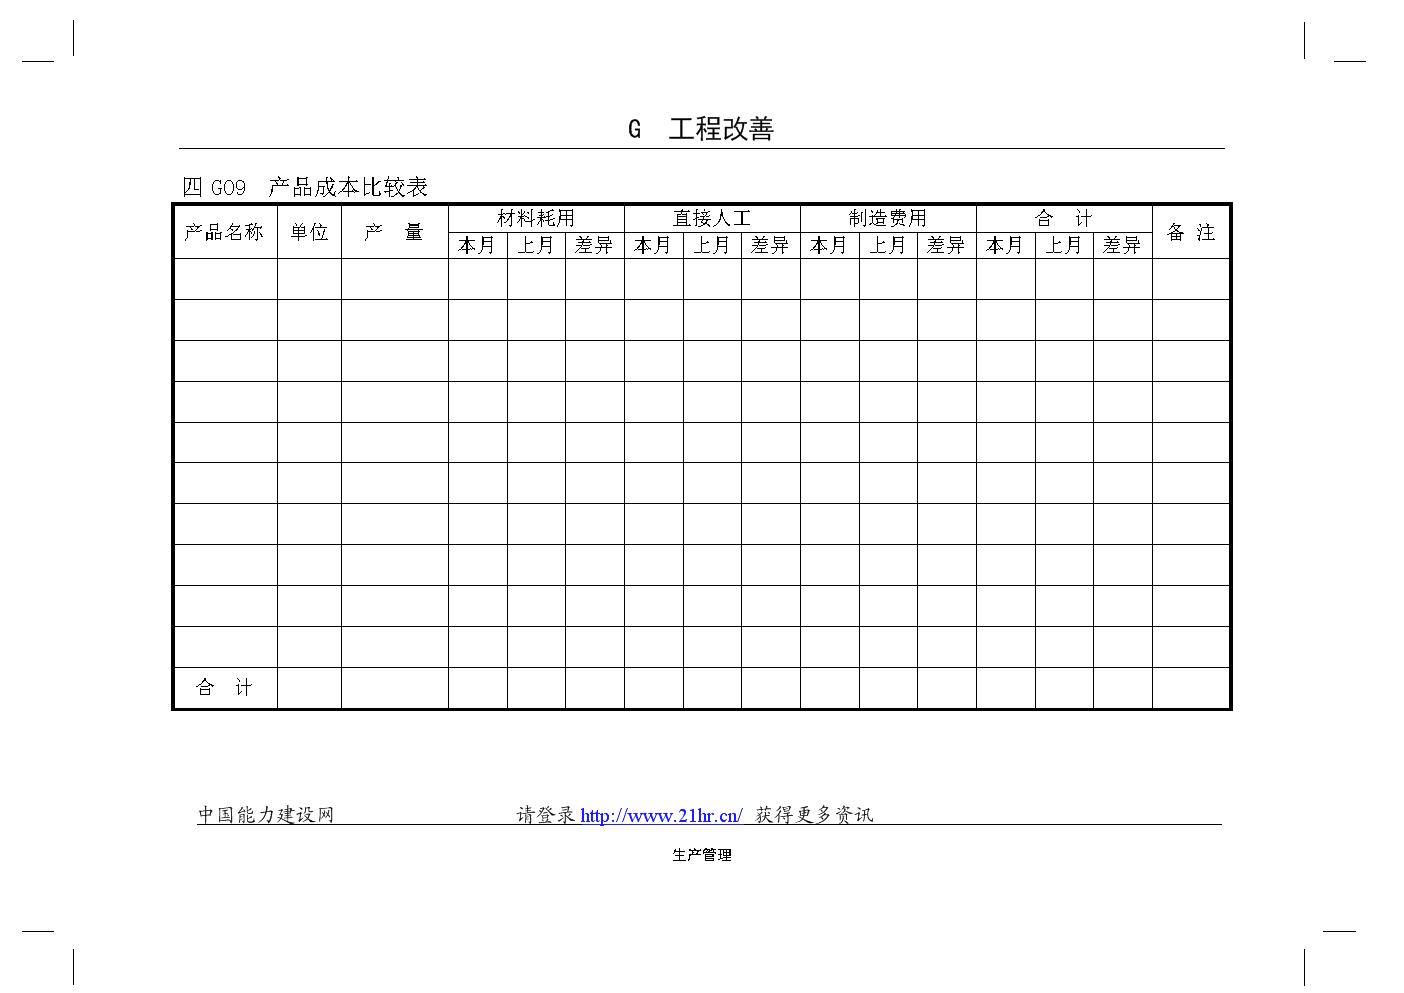 企业管理表格  生产管理G横表格.doc